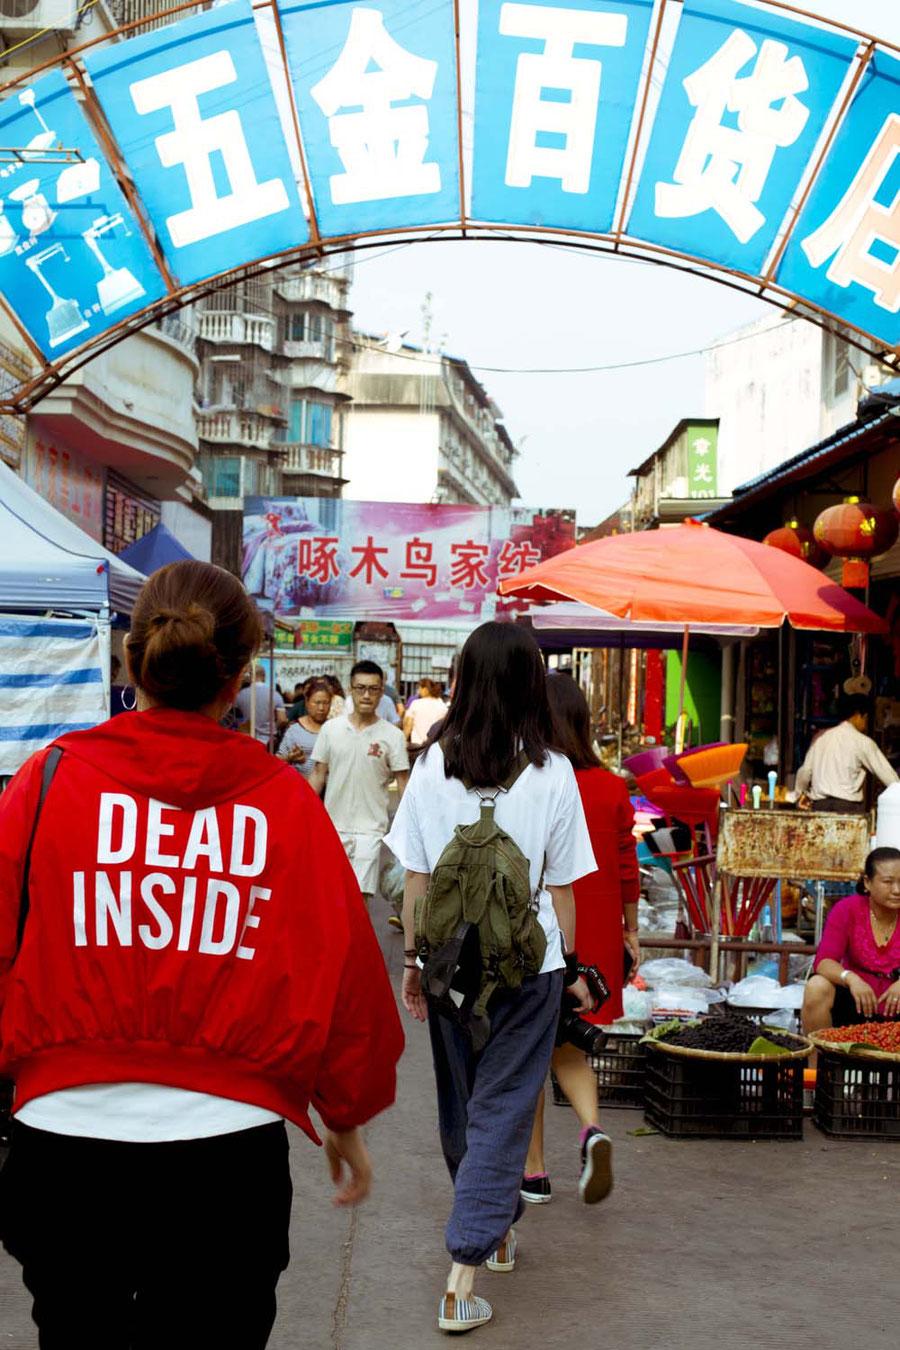 Der Eingang des Marktes, Jinghong, China